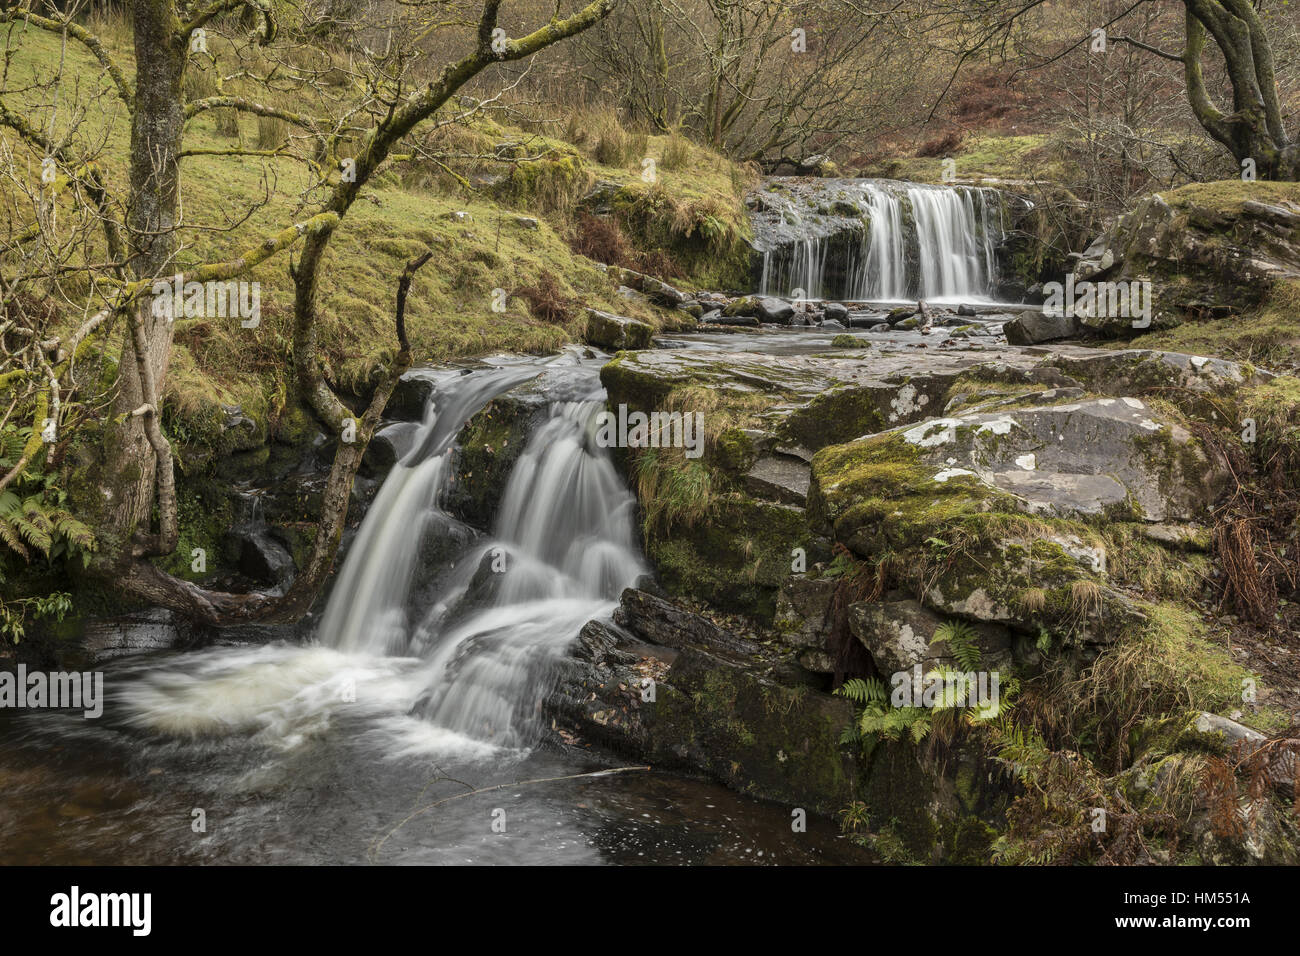 Uno de los Blaen y Glyn Cascadas, sobre el río Caerfanell, (afluente del Usk), Brecon Beacons. Foto de stock